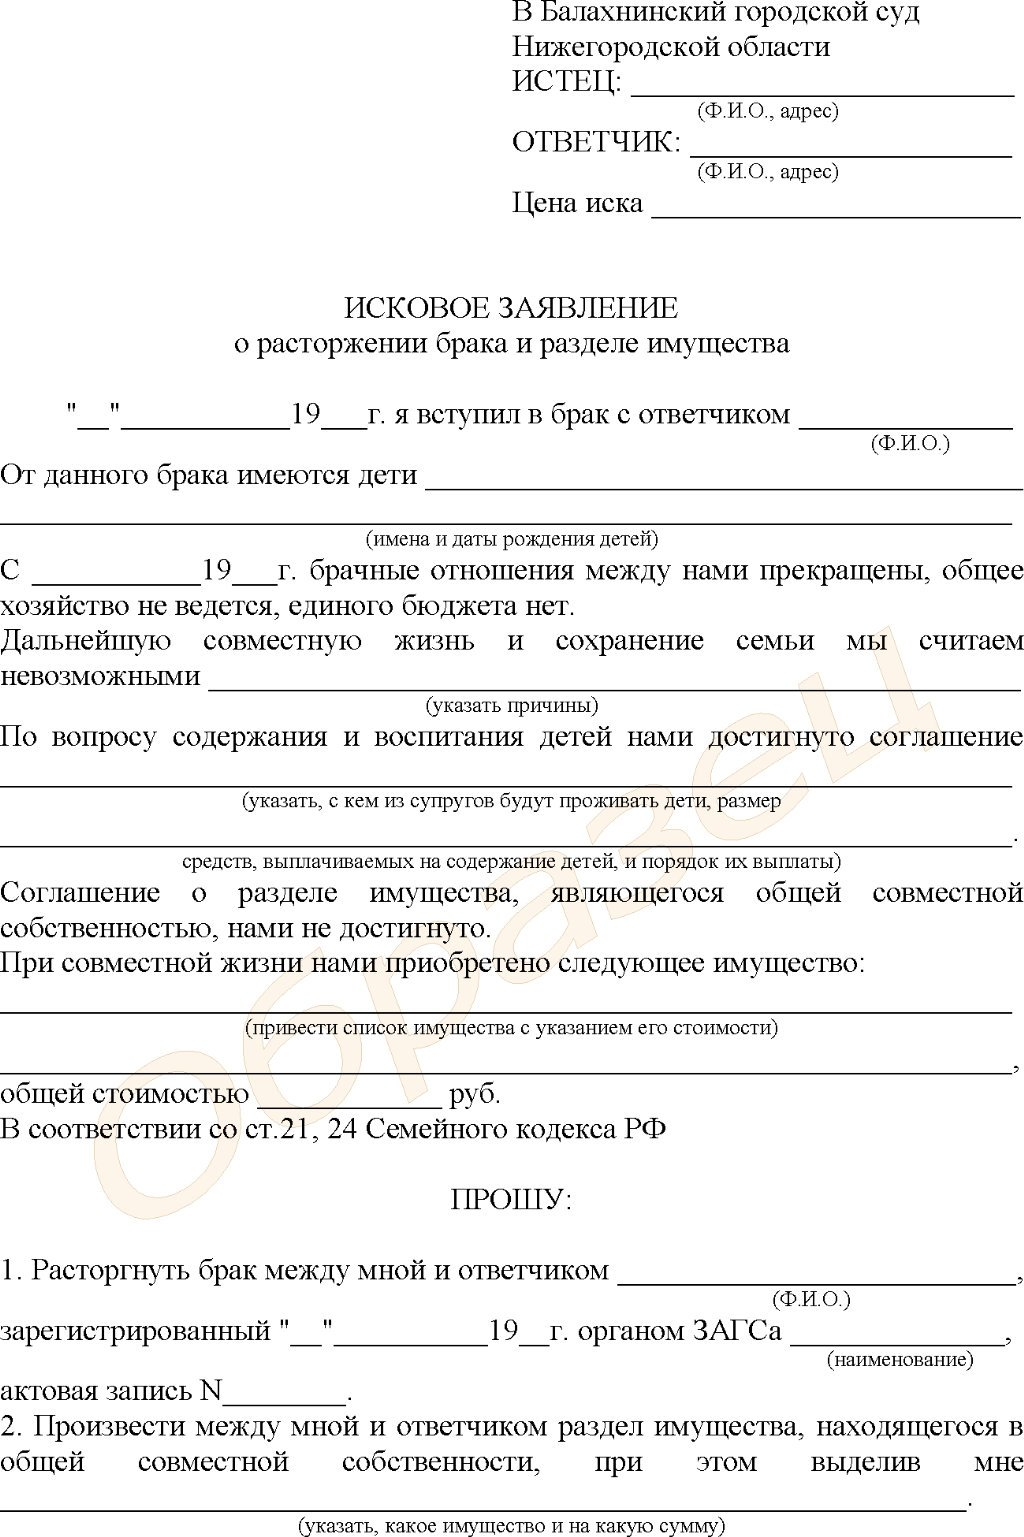 Особенности процедуры развода в Украине